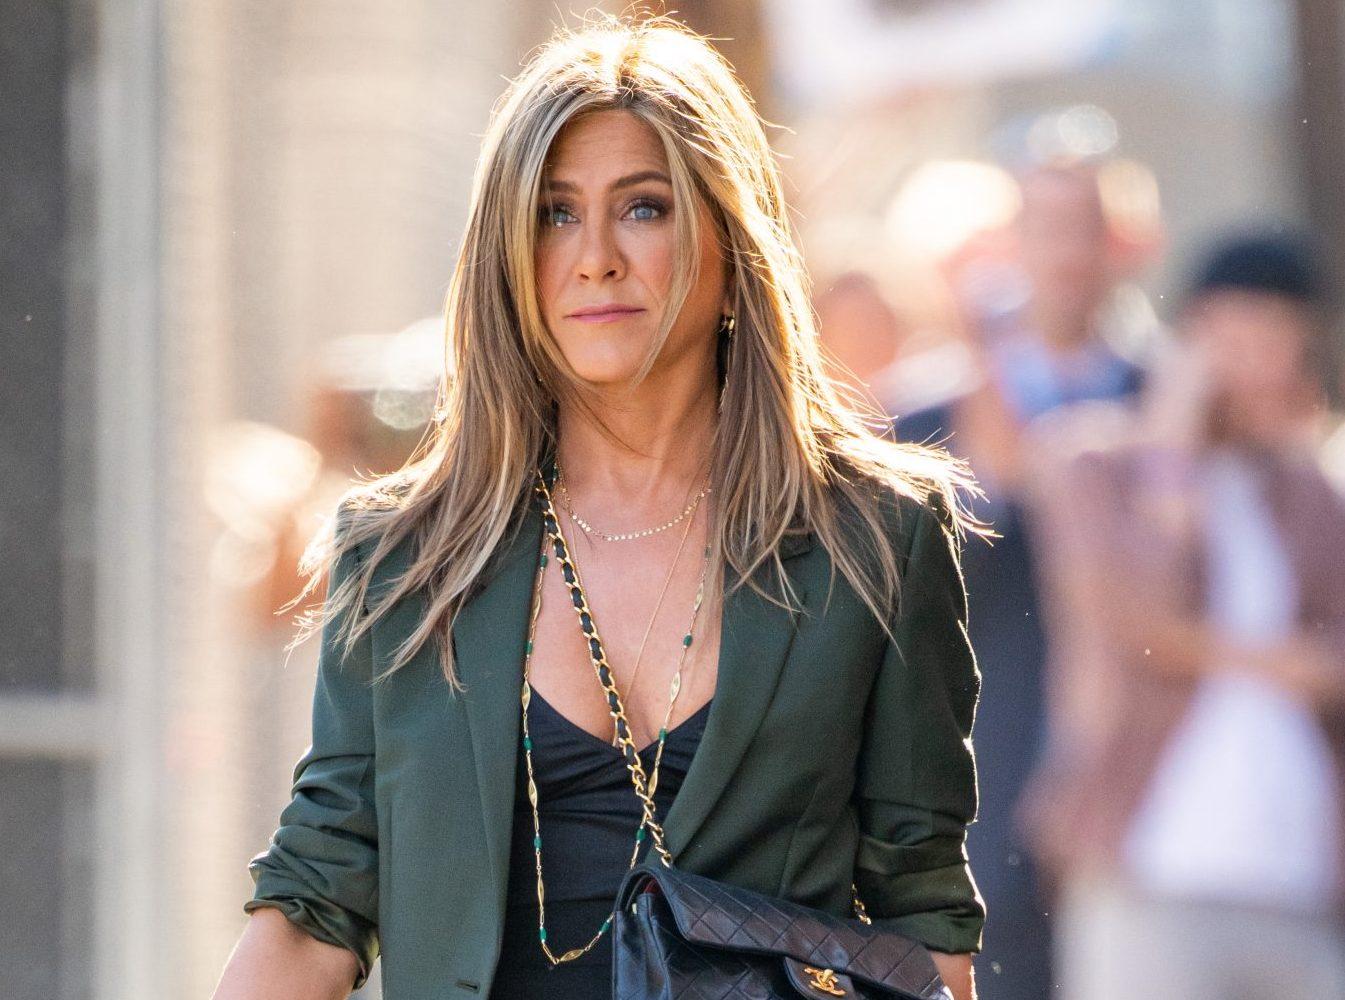 Τι τρώει μέσα στην ημέρα η Jennifer Aniston;